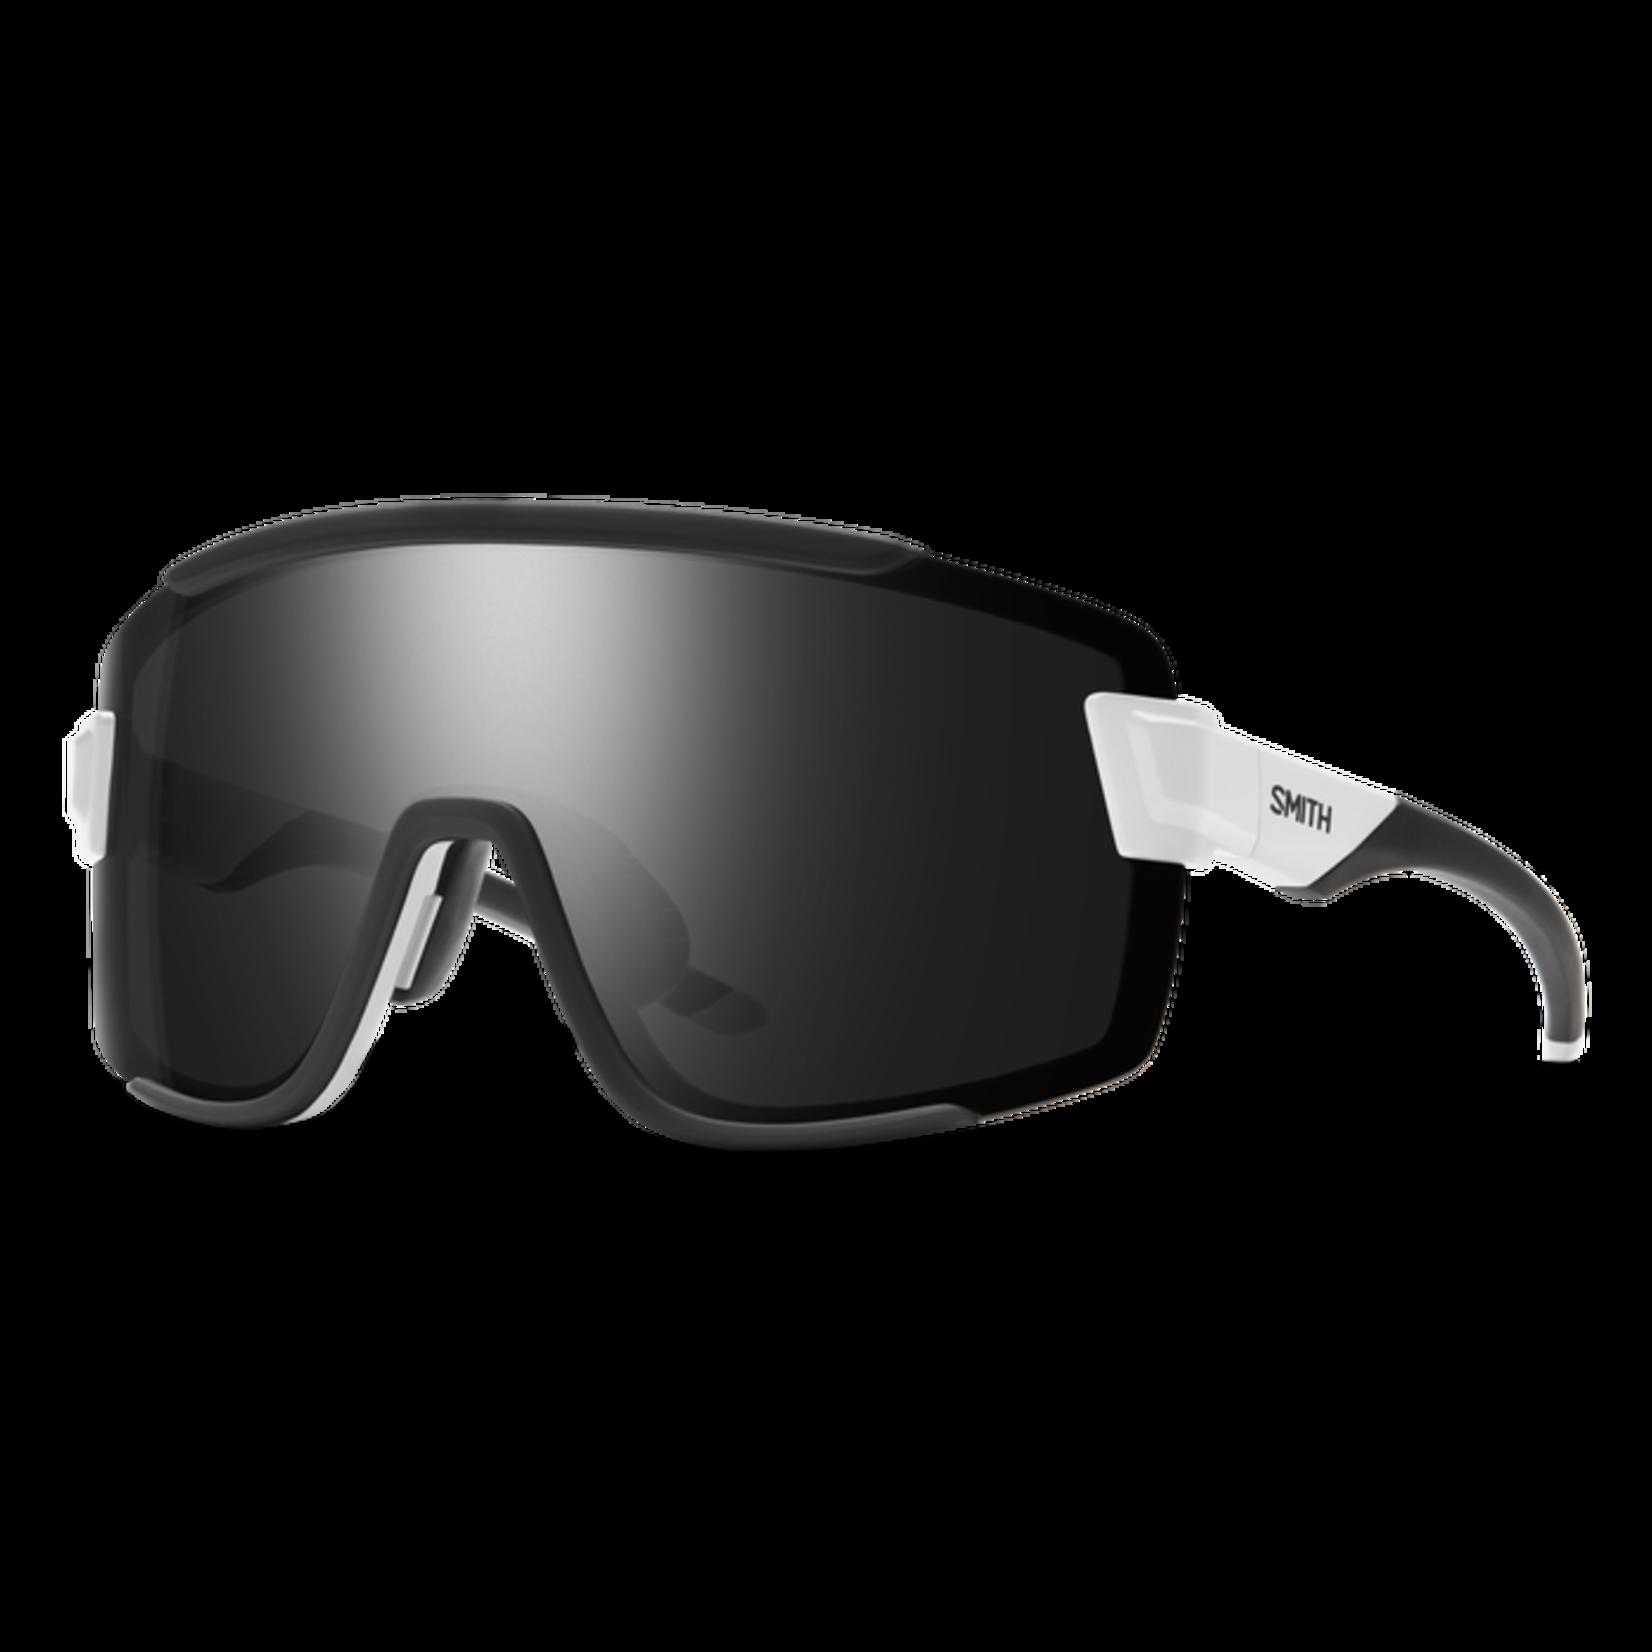 Smith Smith Wildcat Sunglasses